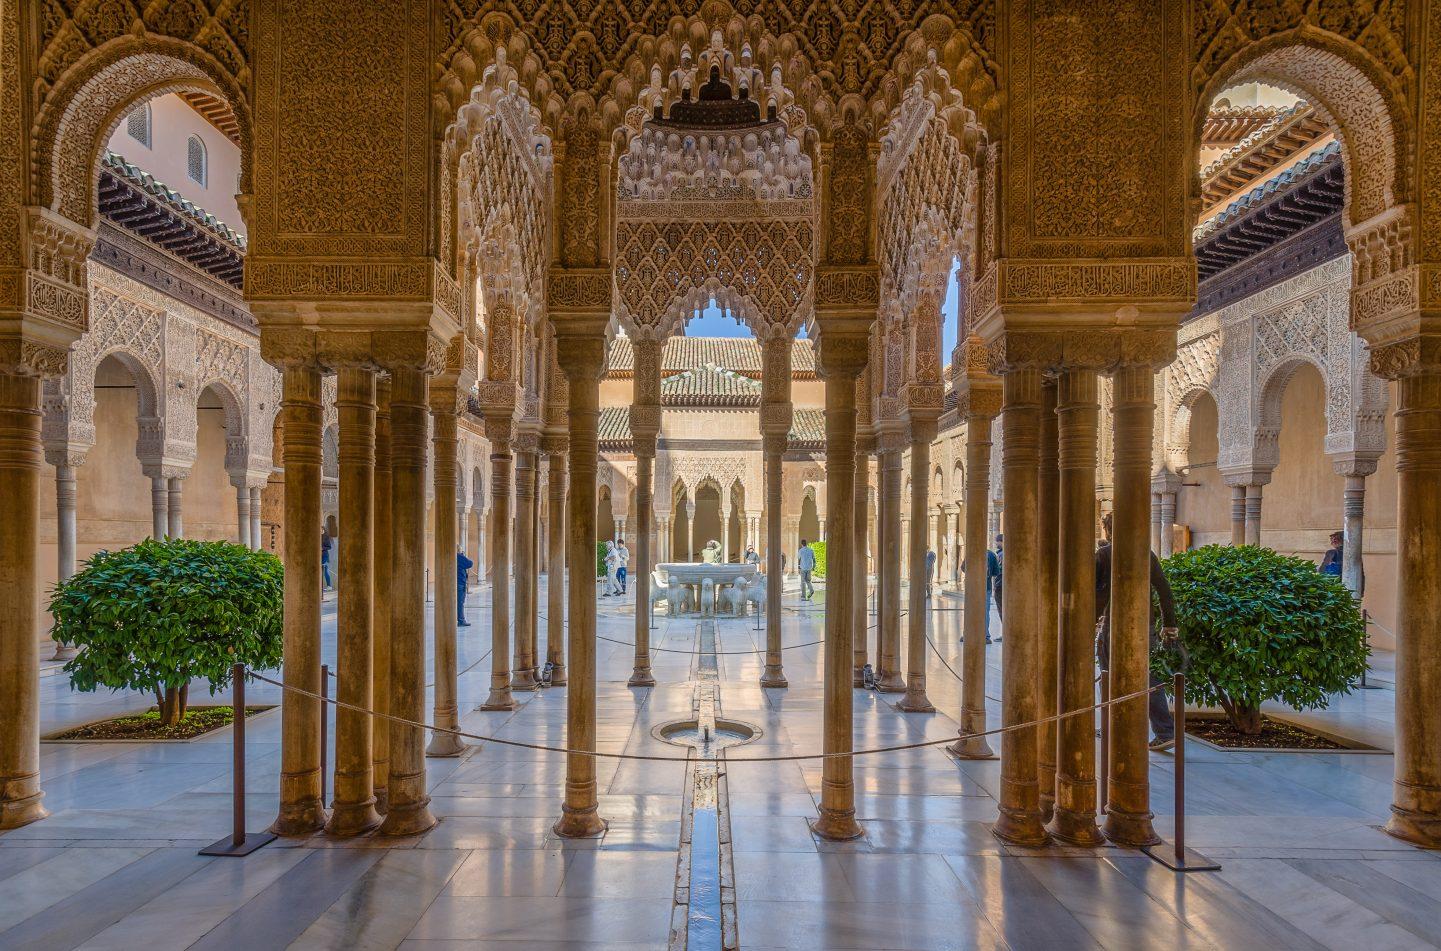 visita guiada diurna Alhambra